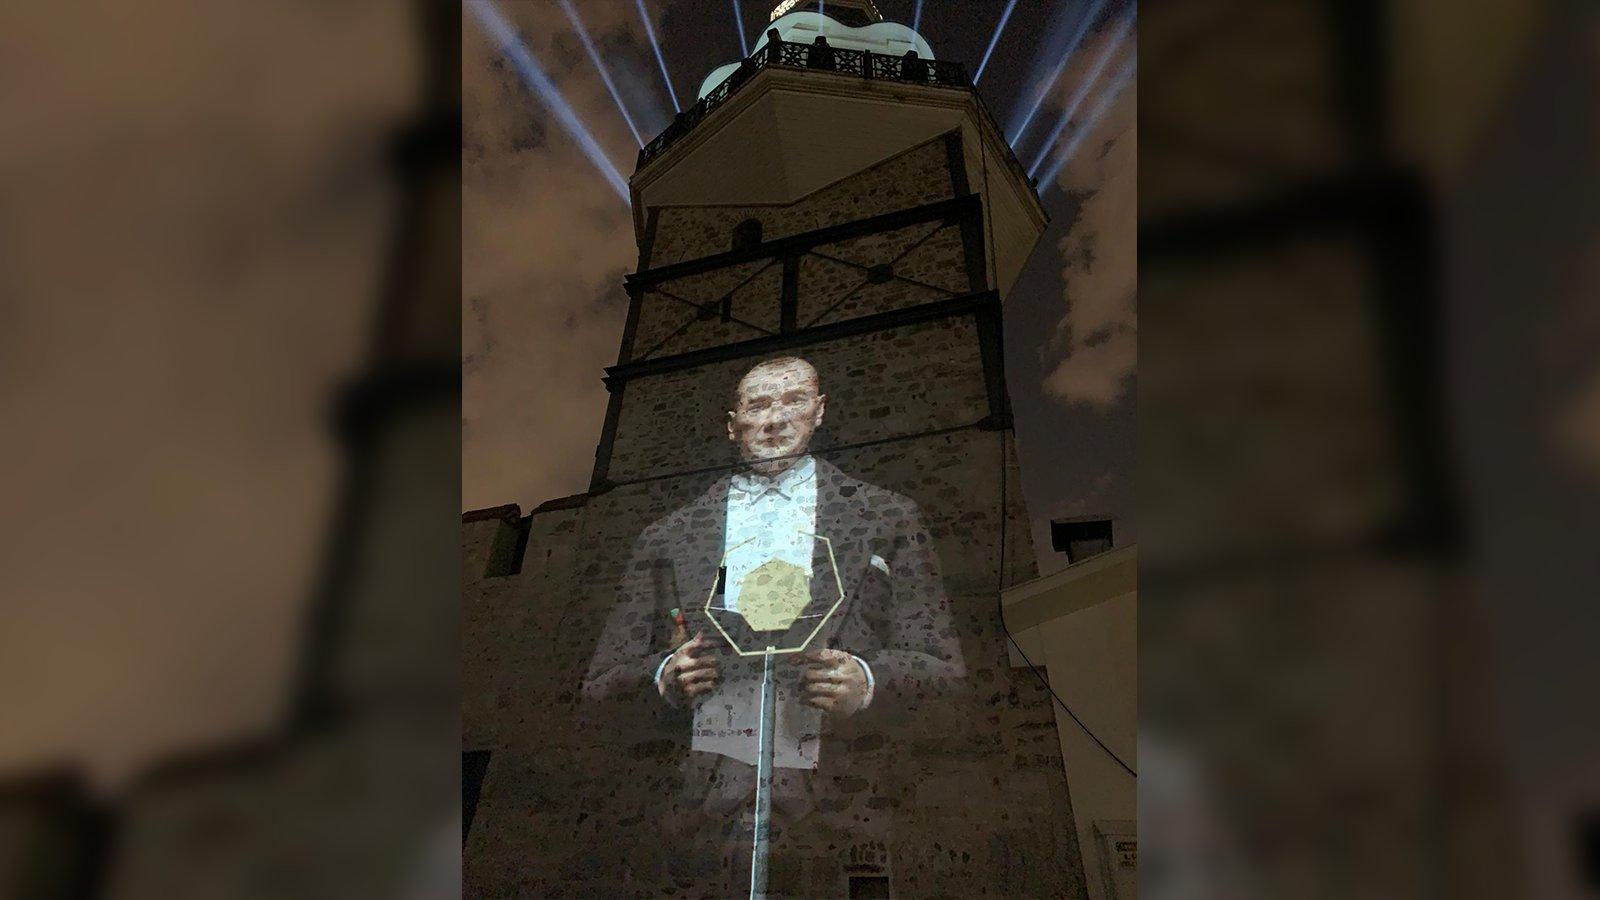 İBB'den '29 Ekim Marşı' için klip; Koray Aycı'dan İlyas Yalçıntaş'a birçok sanatçı seslendirdi